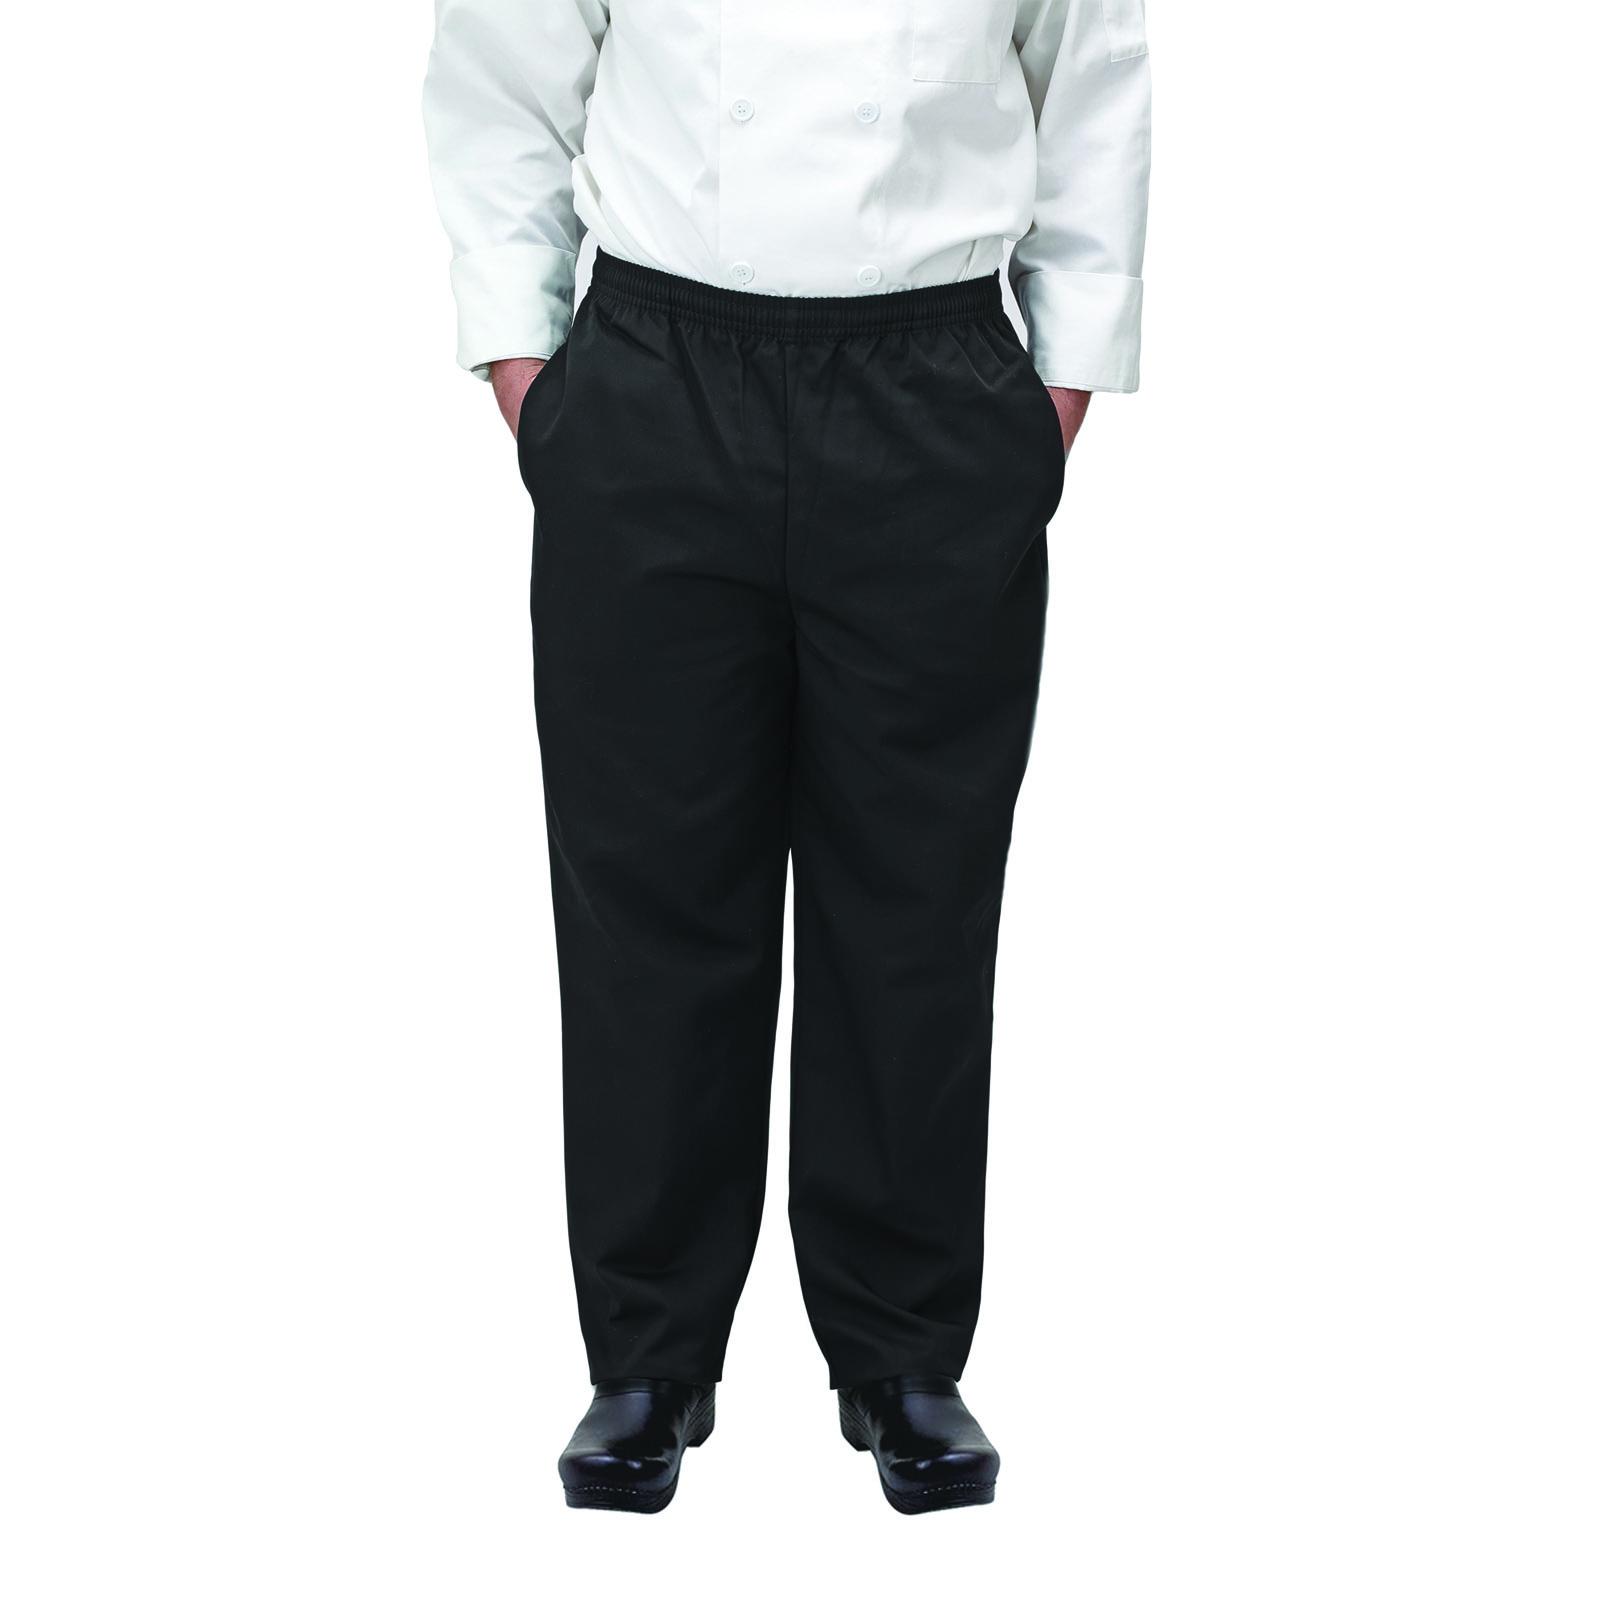 Winco UNF-2KM chef's pants